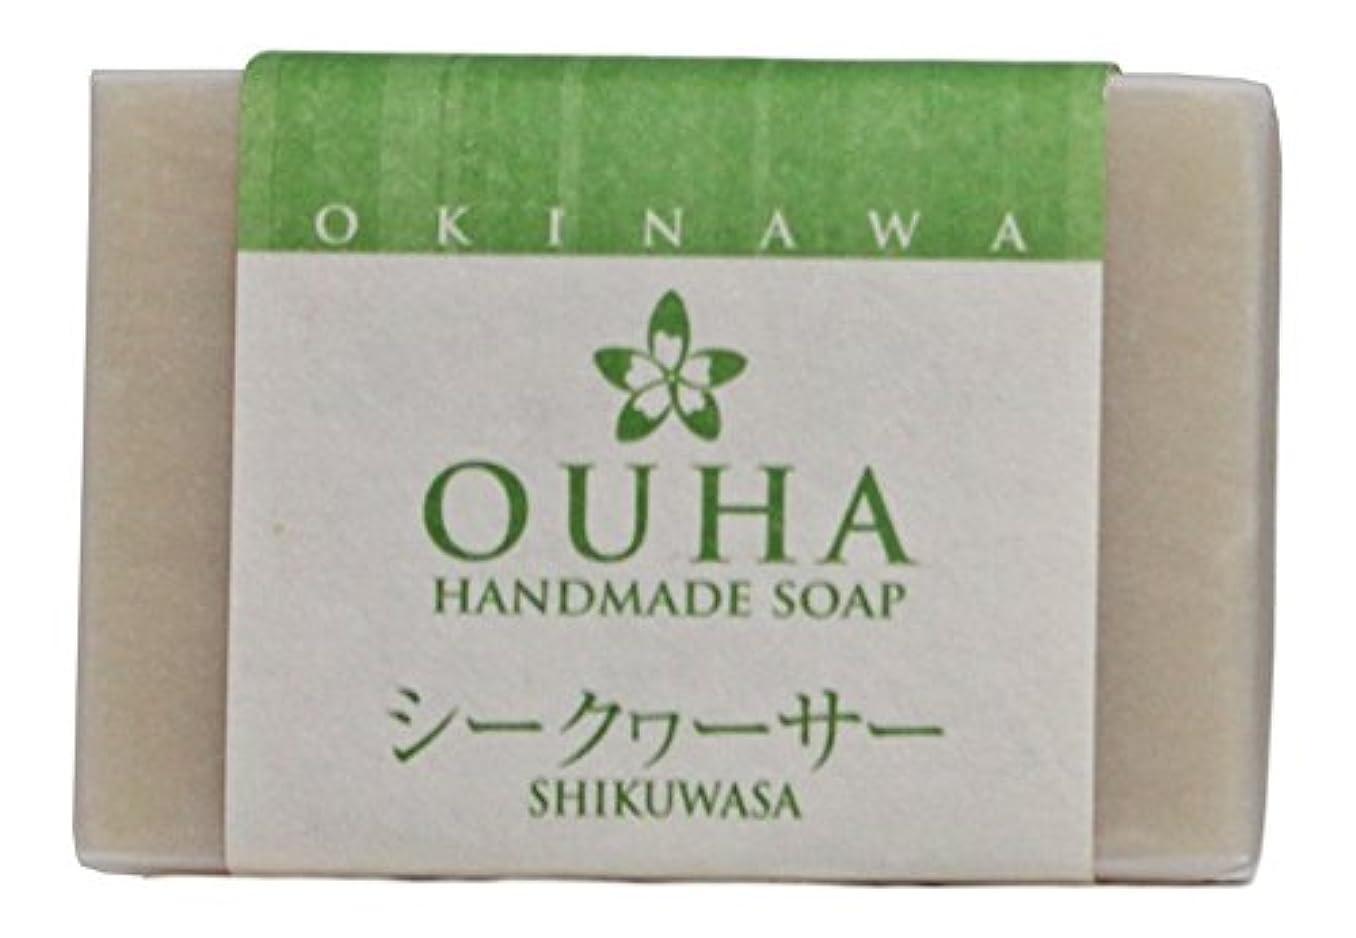 キリスト教引く機械的沖縄手作り洗顔せっけん OUHAソープ シークヮーサー 47g